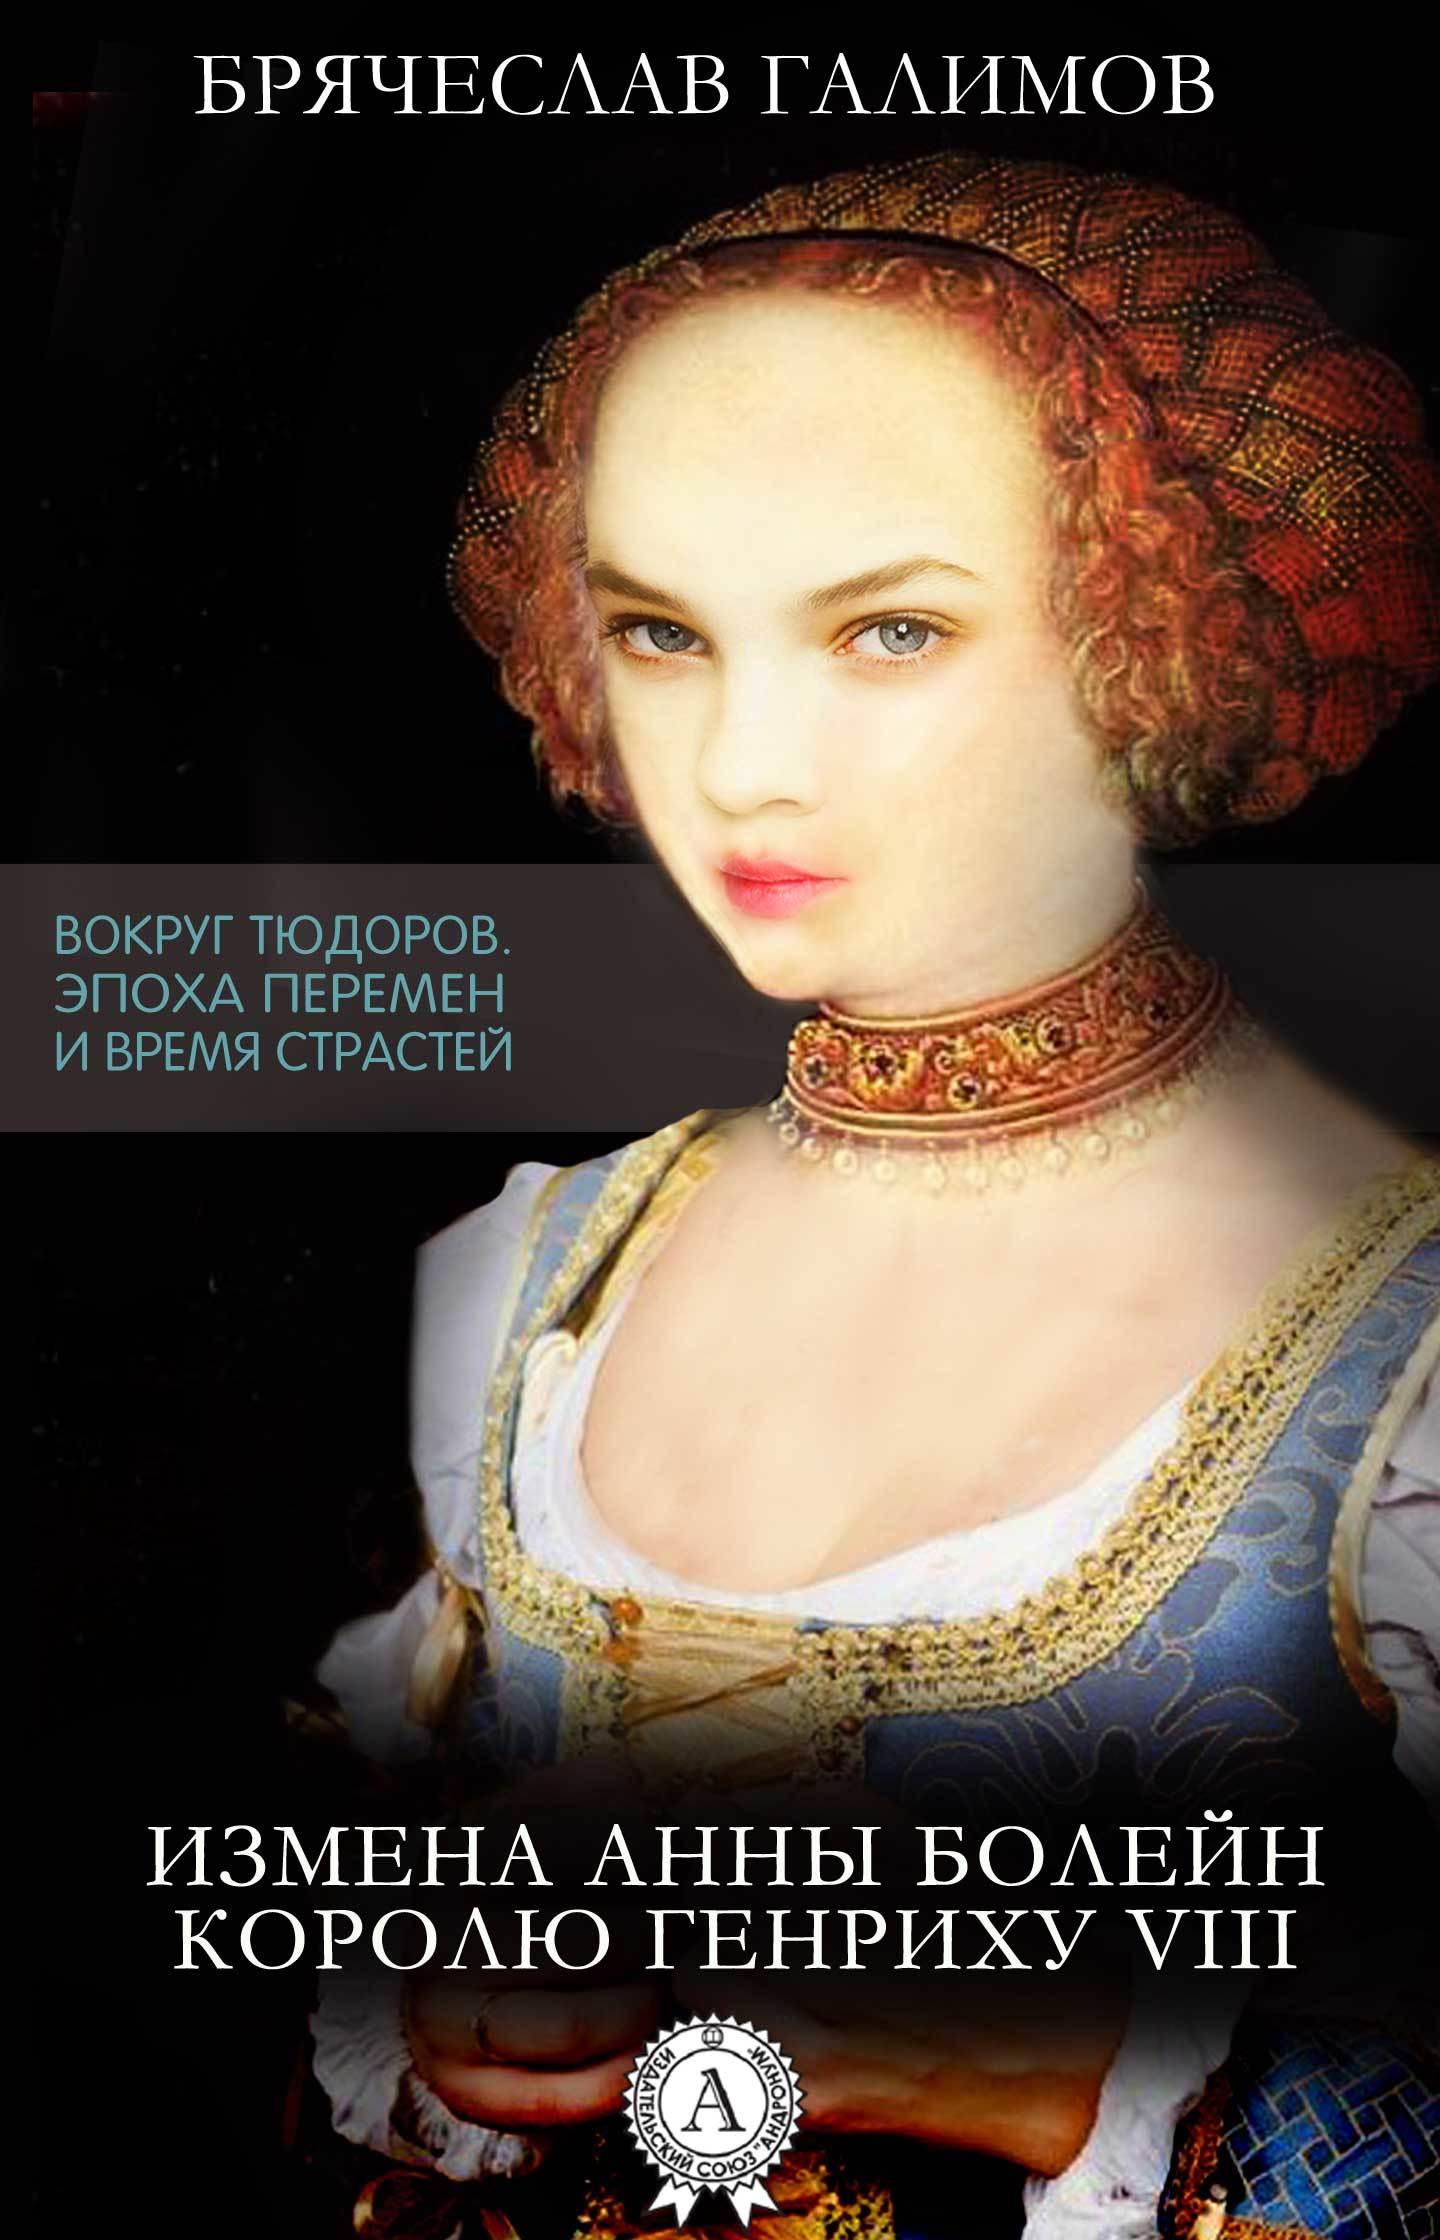 Галимов Брячеслав Измена Анны Болейн королю Генриху VIII